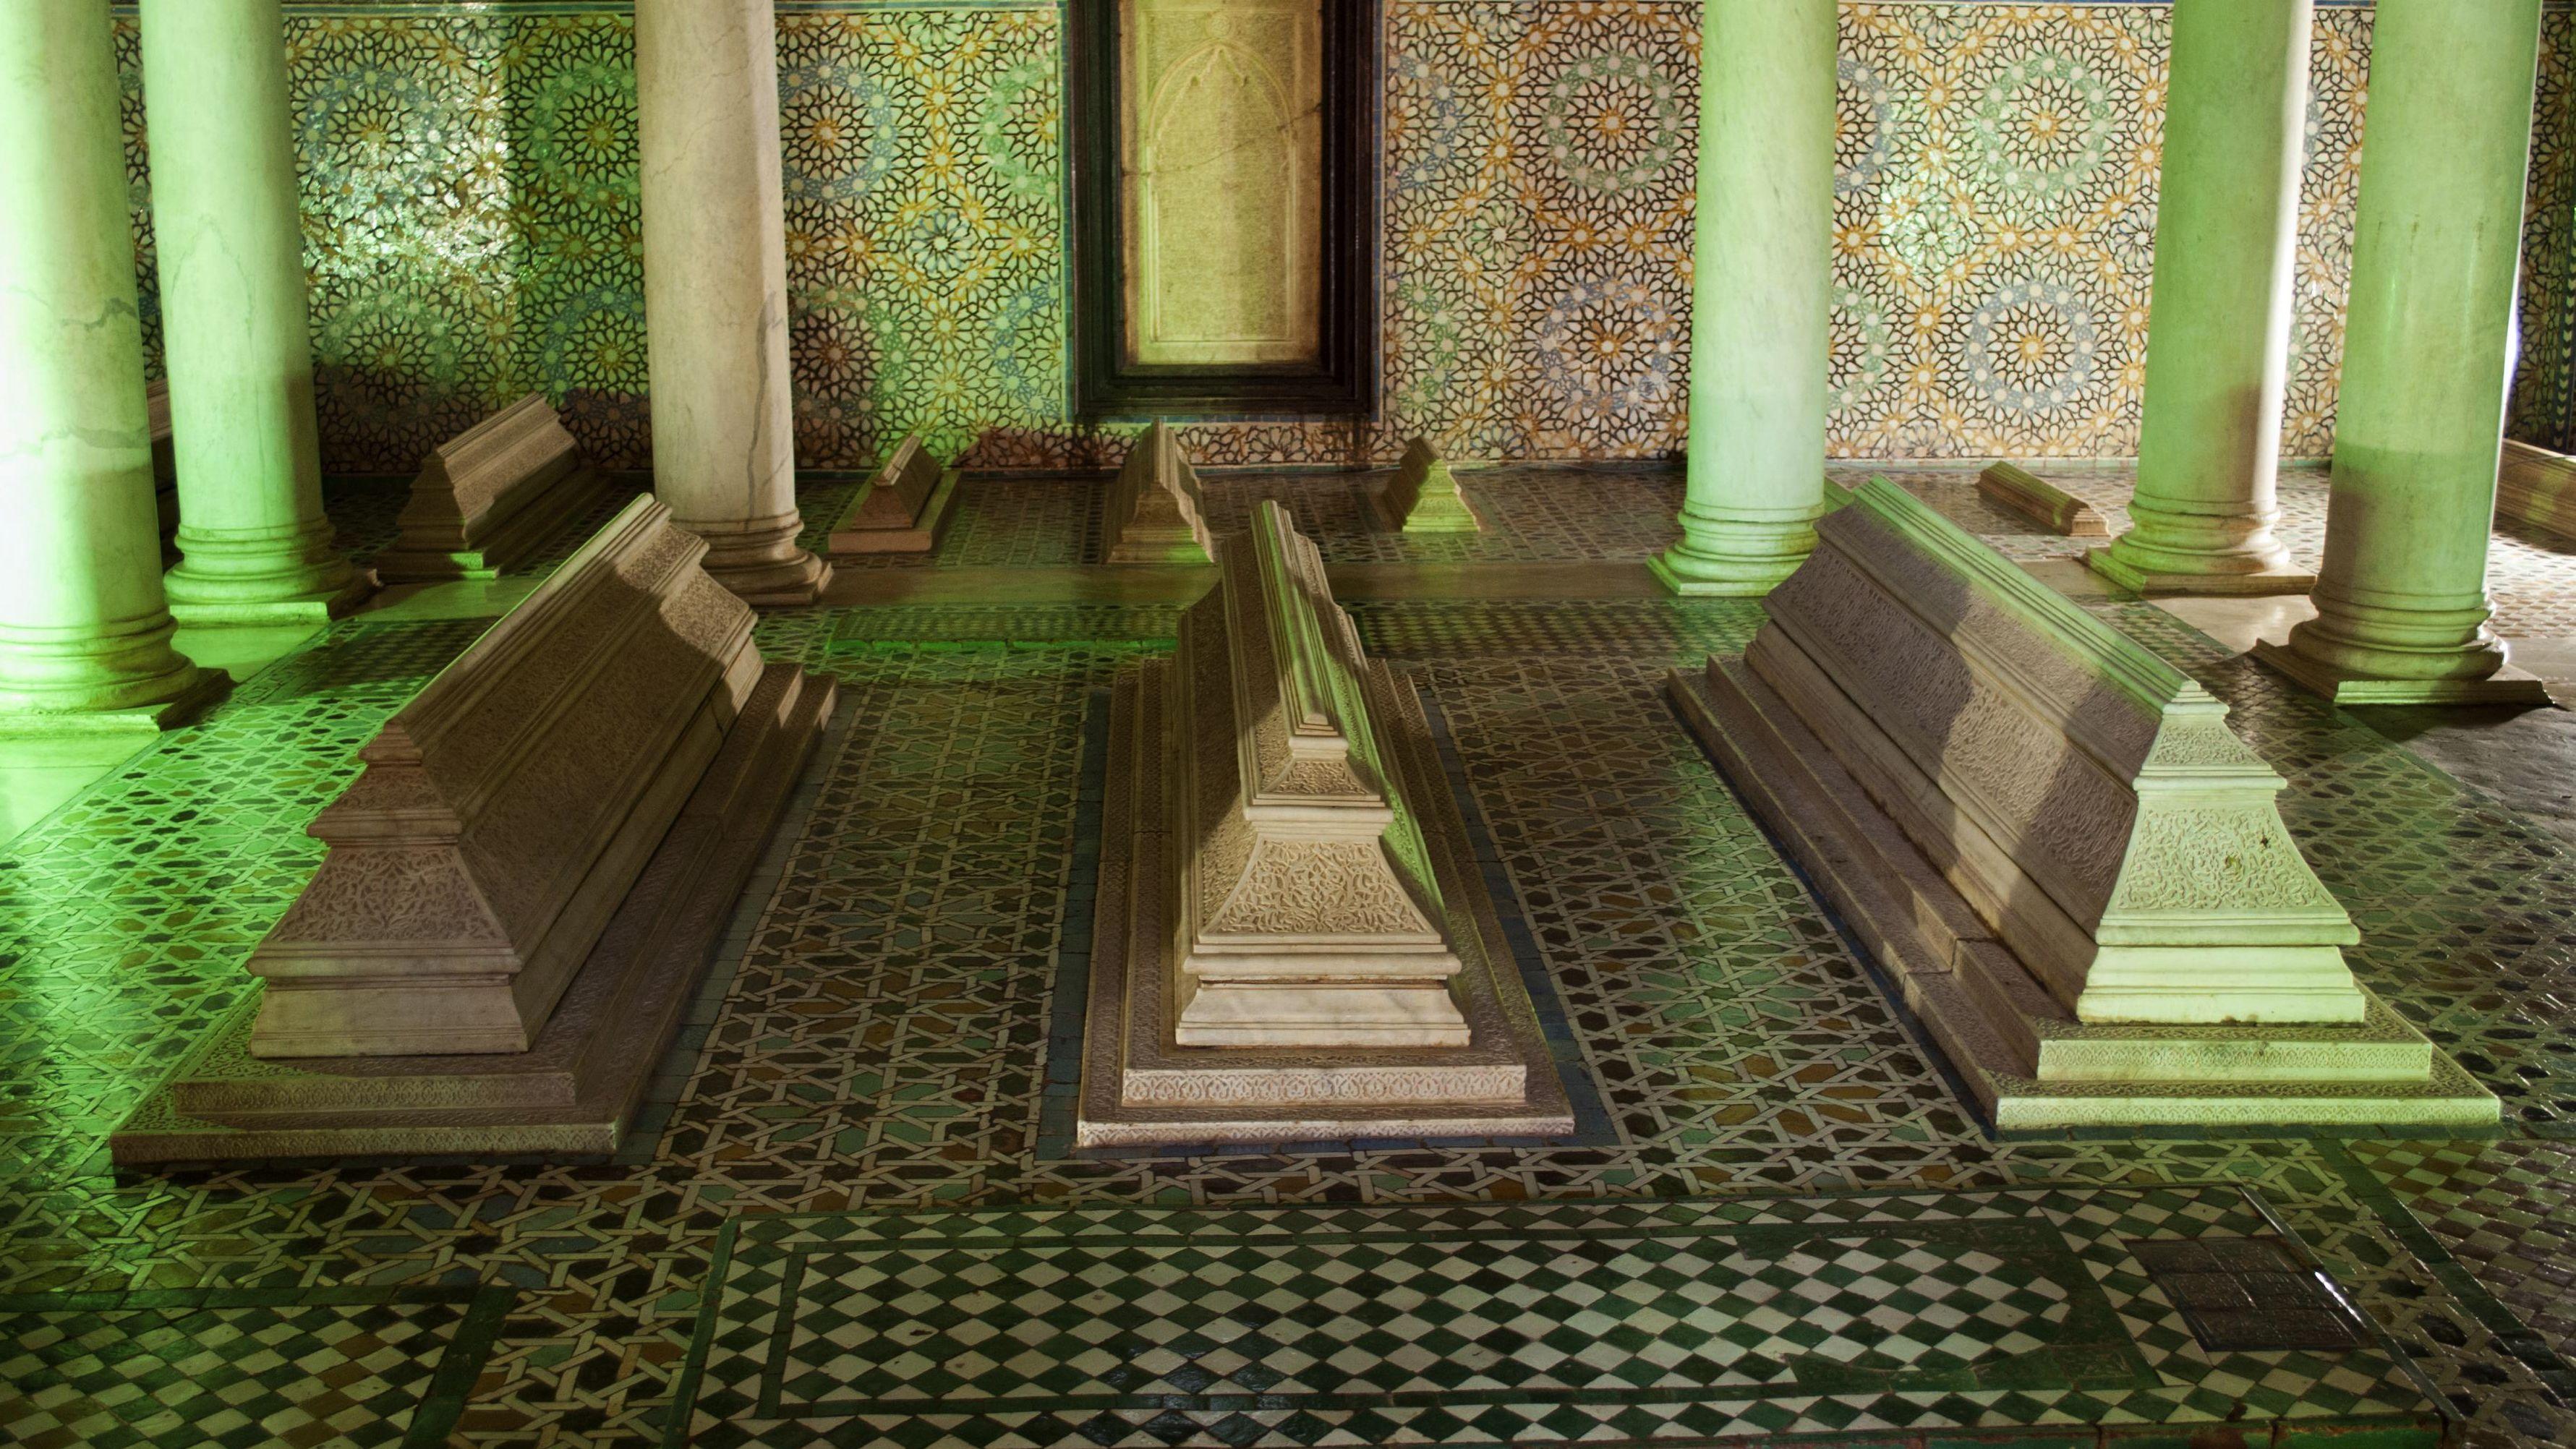 The Saadian tombs in Marrakech